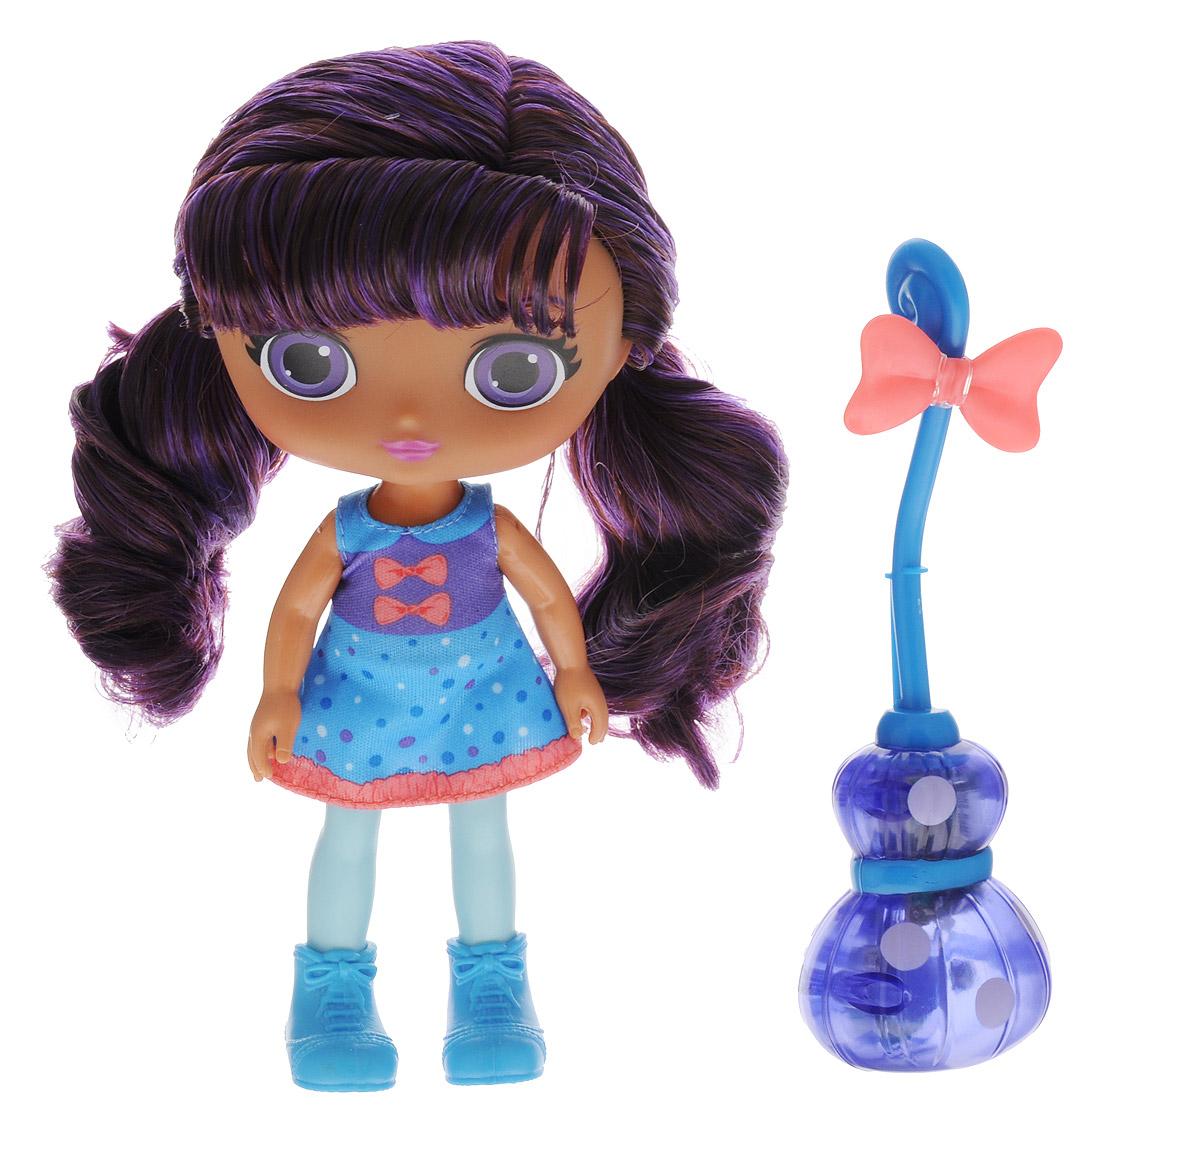 Little Charmers Мини-кукла Lavender с метлой71714_новинкаLavender - героиня мультсериала Маленькие волшебницы. Она очень умная, со спокойным характером. Лавендер изучает всевозможные зелья и заклинания. Свободное время она посвящает учебе или встречается с друзьями. Лавендер готова ради новых знаний сделать вещи, которые ей не очень-то нравятся - например, поцеловать лягушку. У куклы темно-фиолетовые волосы, собранные в два хвостика. Платье куклы - фиолетово-голубое, на ножках - голубые ботиночки. В комплект входит метла, оснащенная звуковыми и световыми эффектами. Конец метлы выполнен в виде причудливого фрукта, а рукоять изогнута и украшена бантиком. Посадите куклу на метлу и наклоните, имитируя полет - конец метлы засветится и раздастся звук полета. Рекомендуется докупить 3 батарейки напряжением 1,5V типа АG13/LR44 (товар комплектуется демонстрационными).